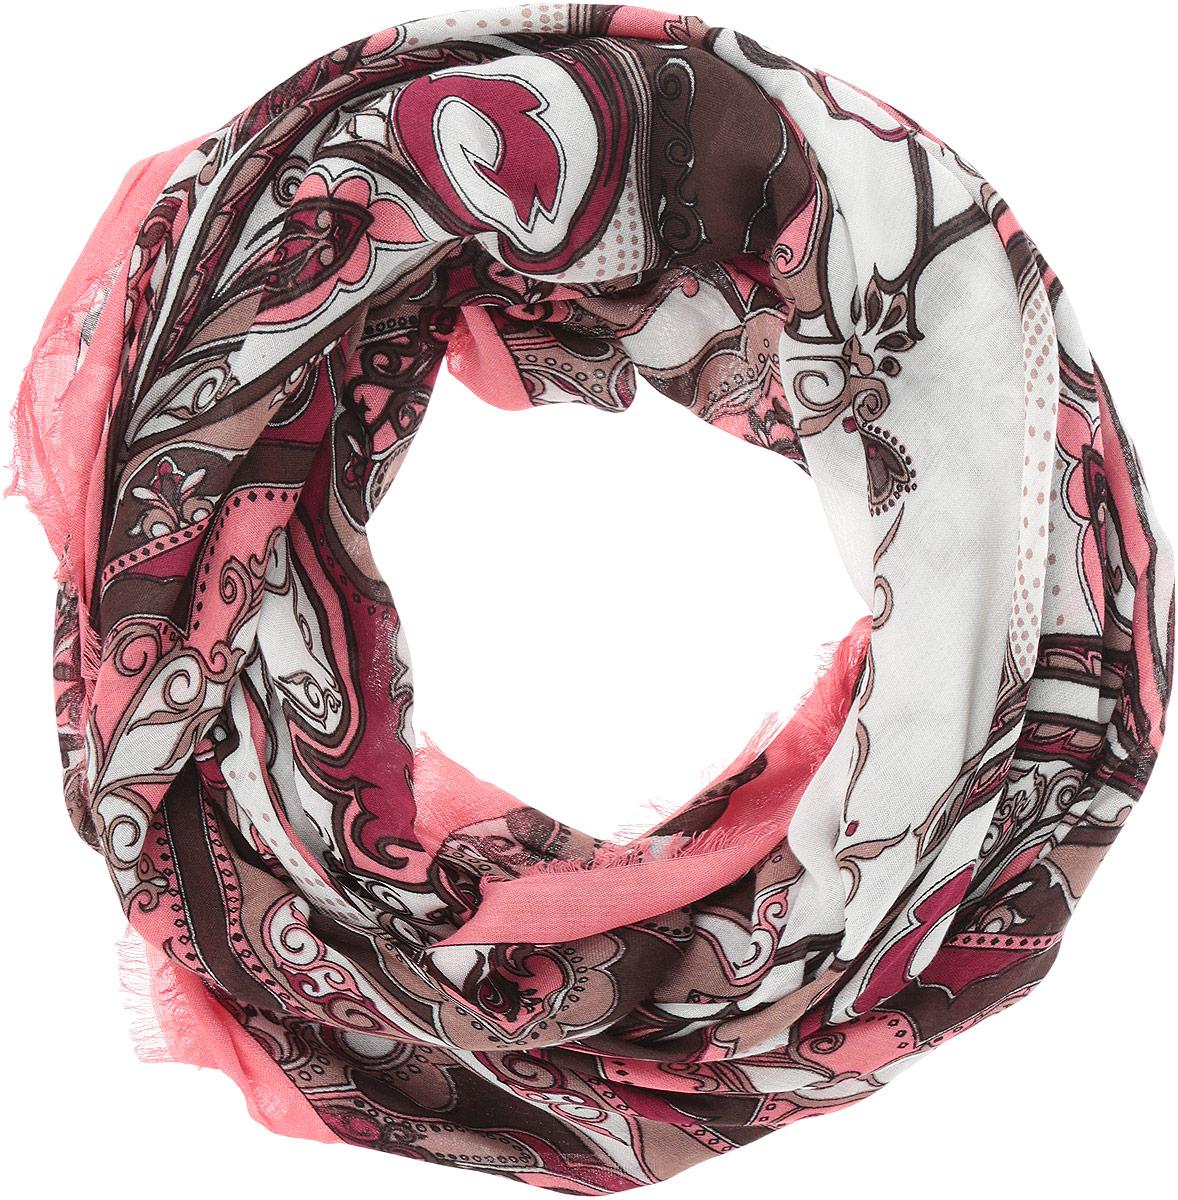 ПлатокDS2015-004-11Стильный женский платок Fabretti станет великолепным завершением любого наряда. Платок изготовлен из высококачественного модала с добавлением вискозы, оформлен сложным растительным орнаментом и украшен тонкой бахромой по краям. Классическая квадратная форма позволяет носить платок на шее, украшать им прическу или декорировать сумочку. Мягкий и шелковистый платок поможет вам создать изысканный женственный образ, а также согреет в непогоду. Такой платок превосходно дополнит любой наряд и подчеркнет ваш неповторимый вкус и элегантность.